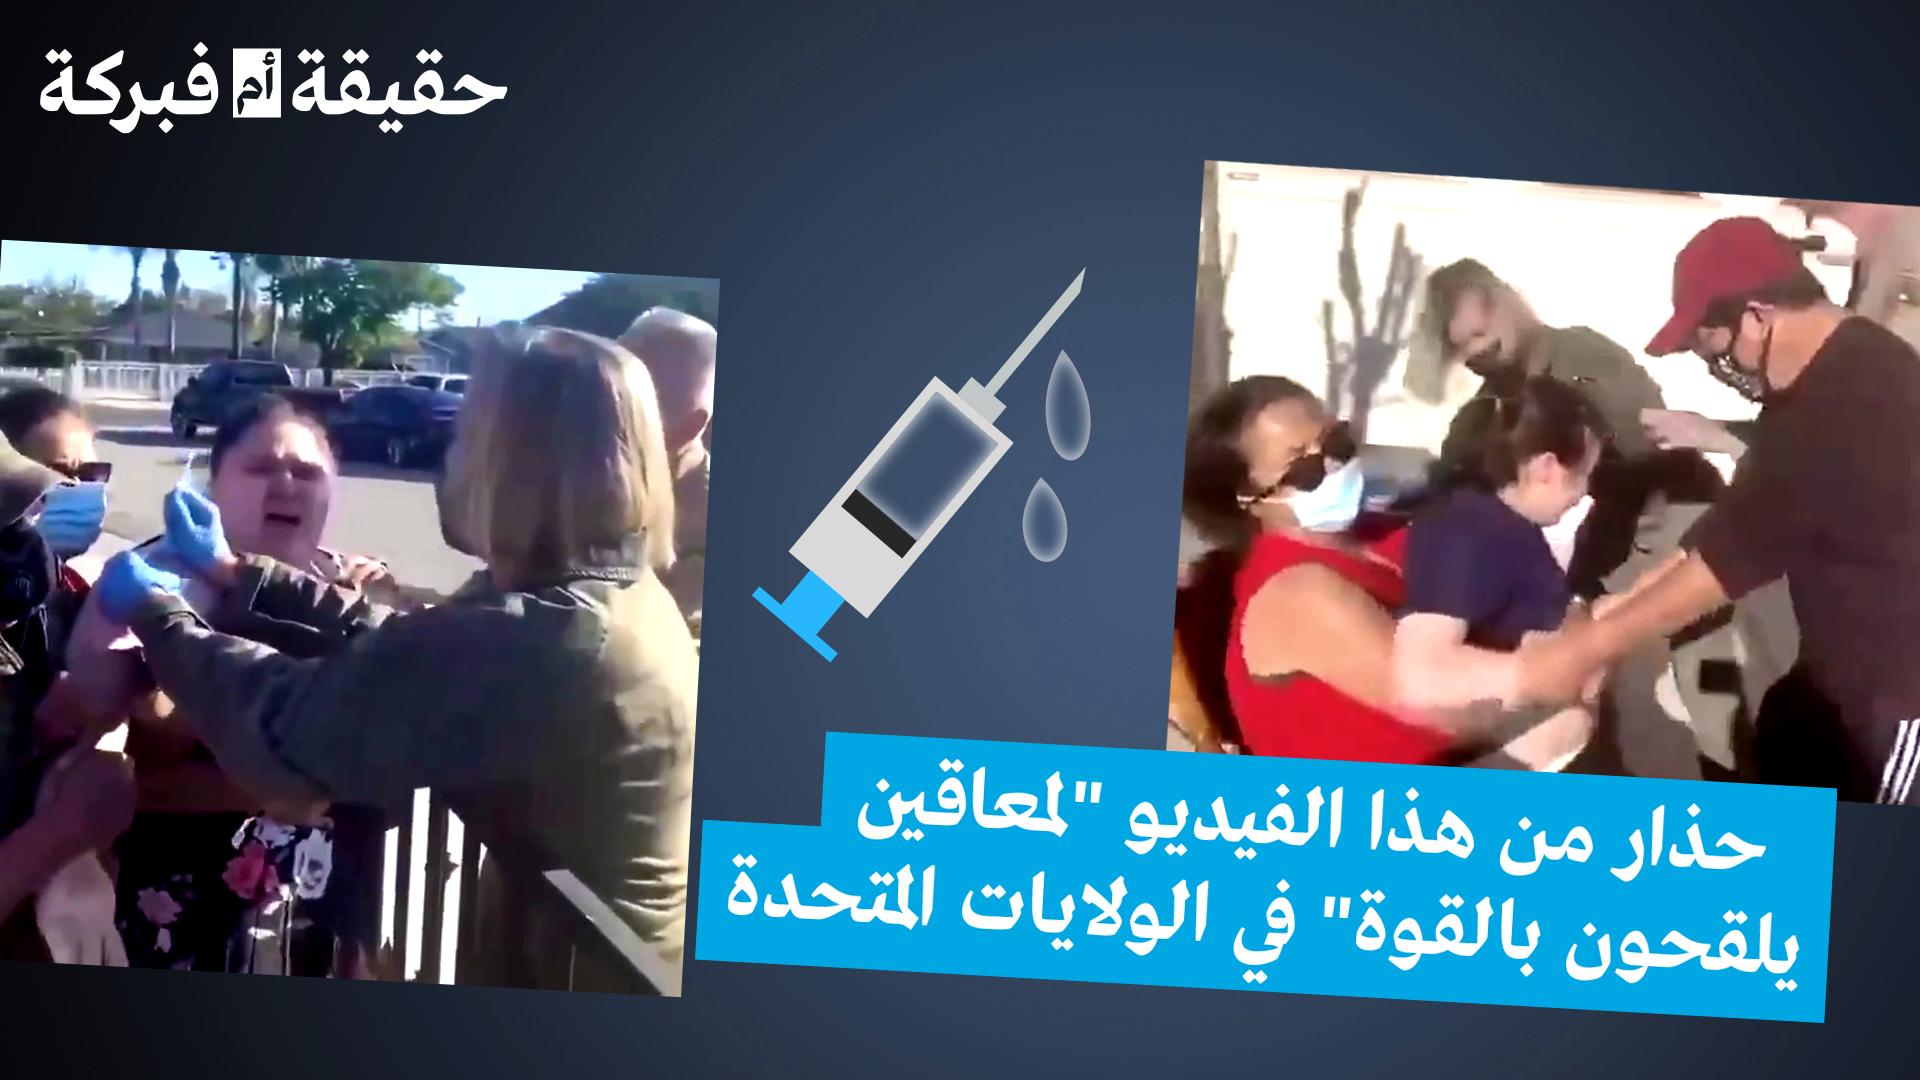 تحاول منشورات الإيهام بأن هؤلاء الأشخاص المعاقين قد أجبروا على تلقي اللقاح ضد فيروس كورونا في الولايات المتحدة.